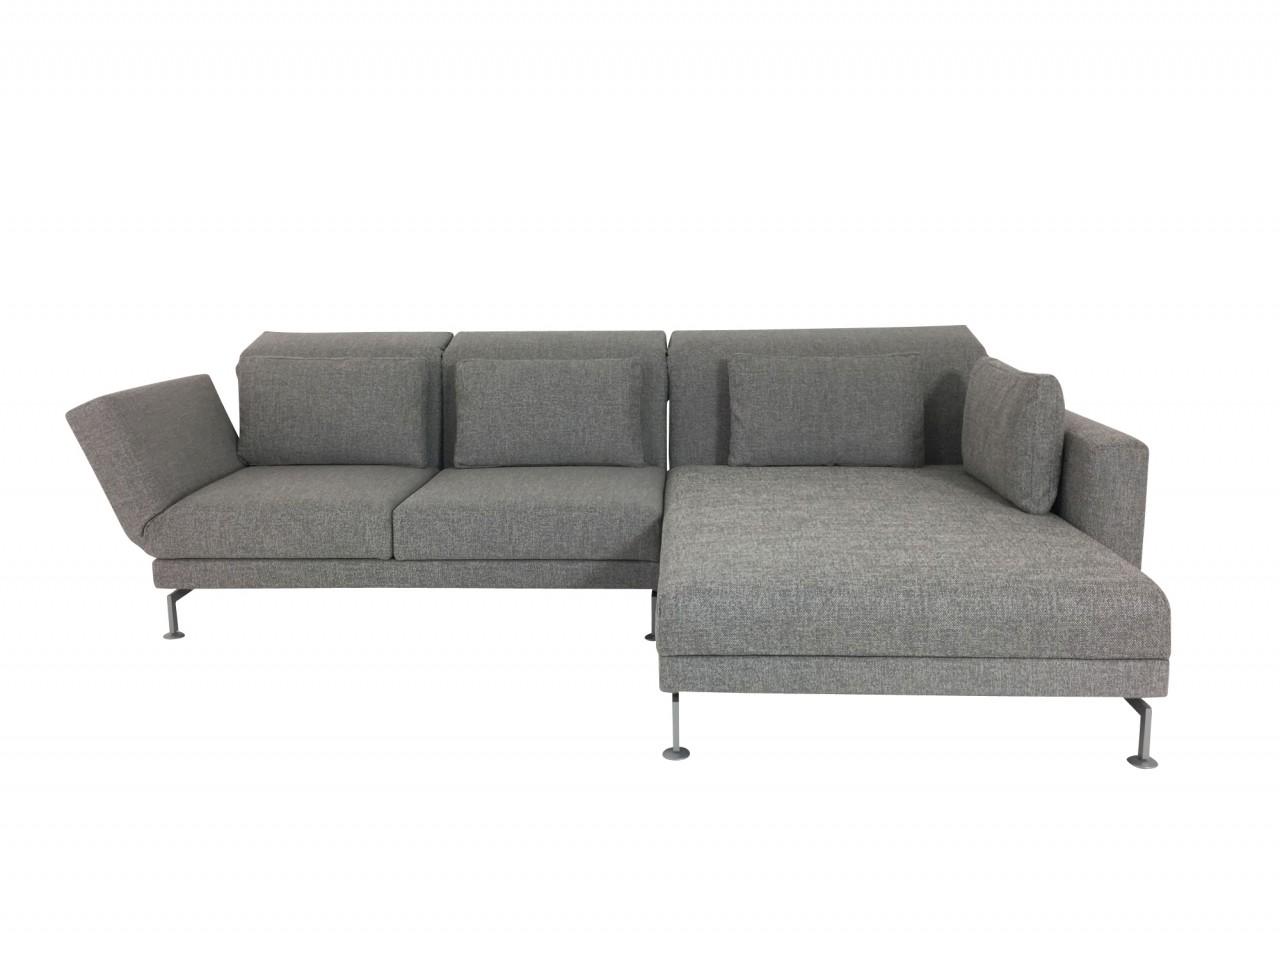 Brühl MOULE MEDIUM Sofa mit XL Recamiere in Stoff hellgrau